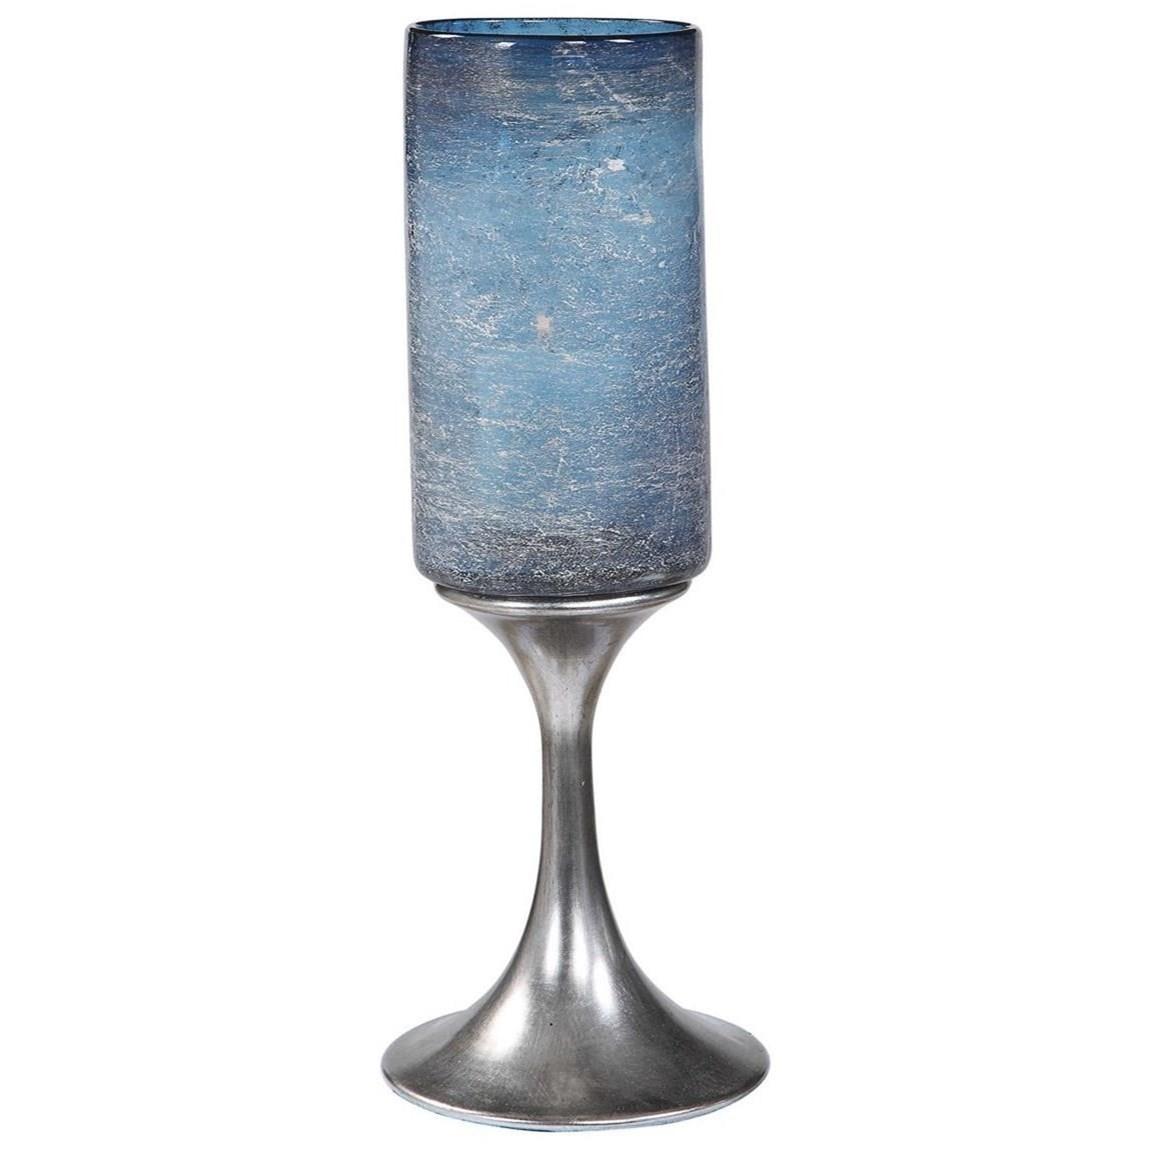 Gallah Blown Glass Candleholder